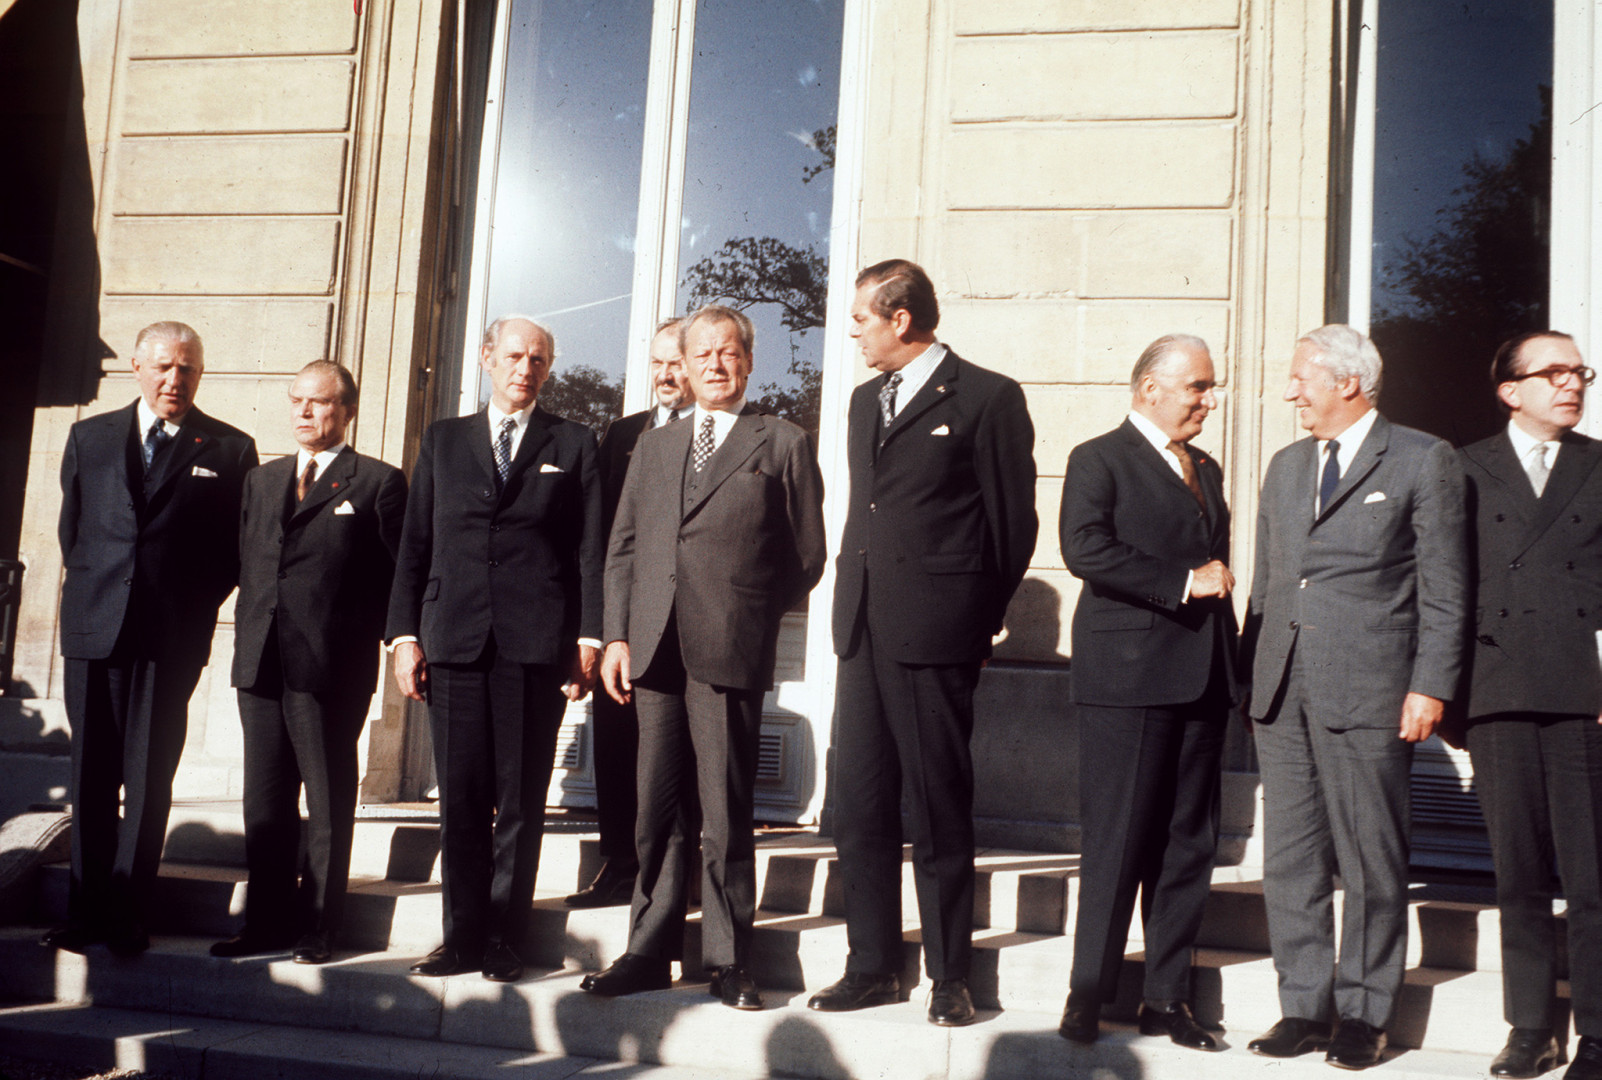 21 octobre 1972 : Le sommet de Paris réunit les chefs d'Etat des neuf pays de la CEE, dont Edward Heath, le Premier ministre europhile britannique